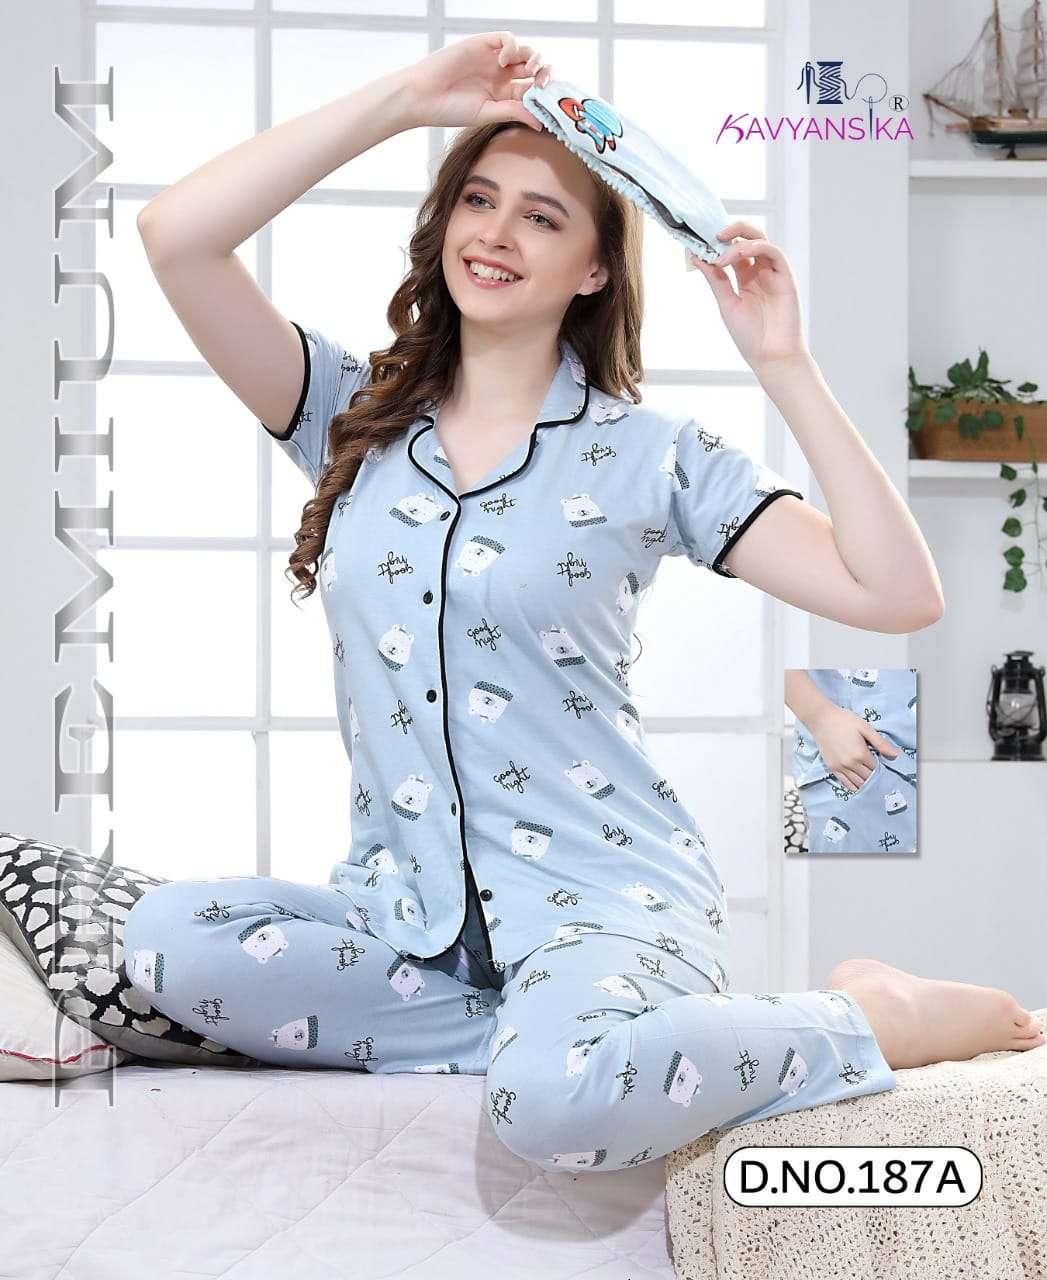 Kavyansika Collar Vol 187 Hosiery Cotton Ladies Night Suit